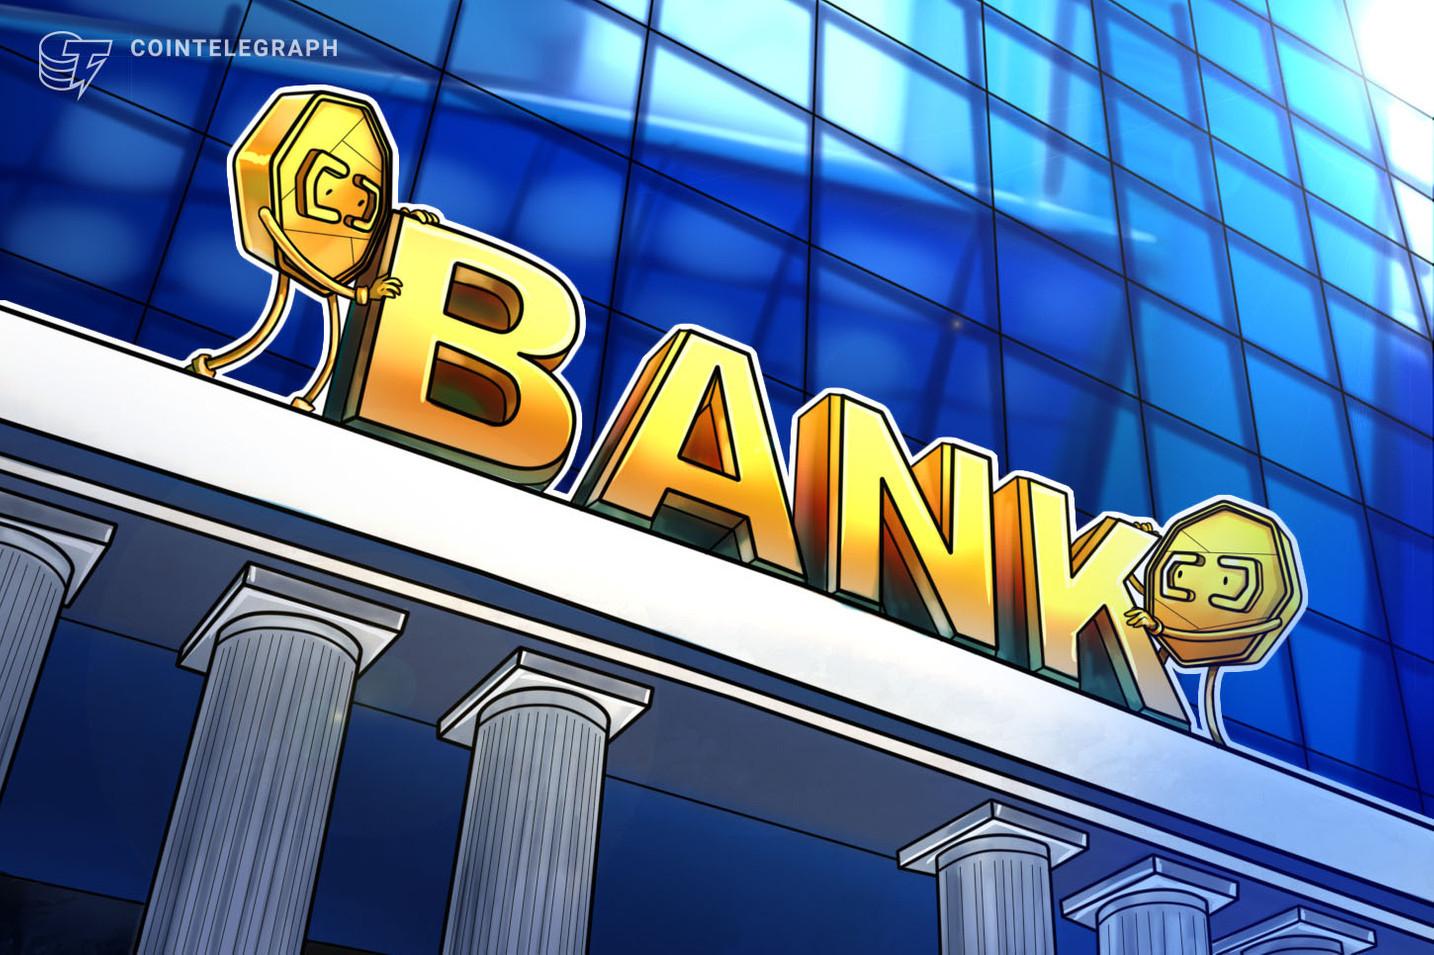 Nuestros próximos mejores amigos: Los bancos